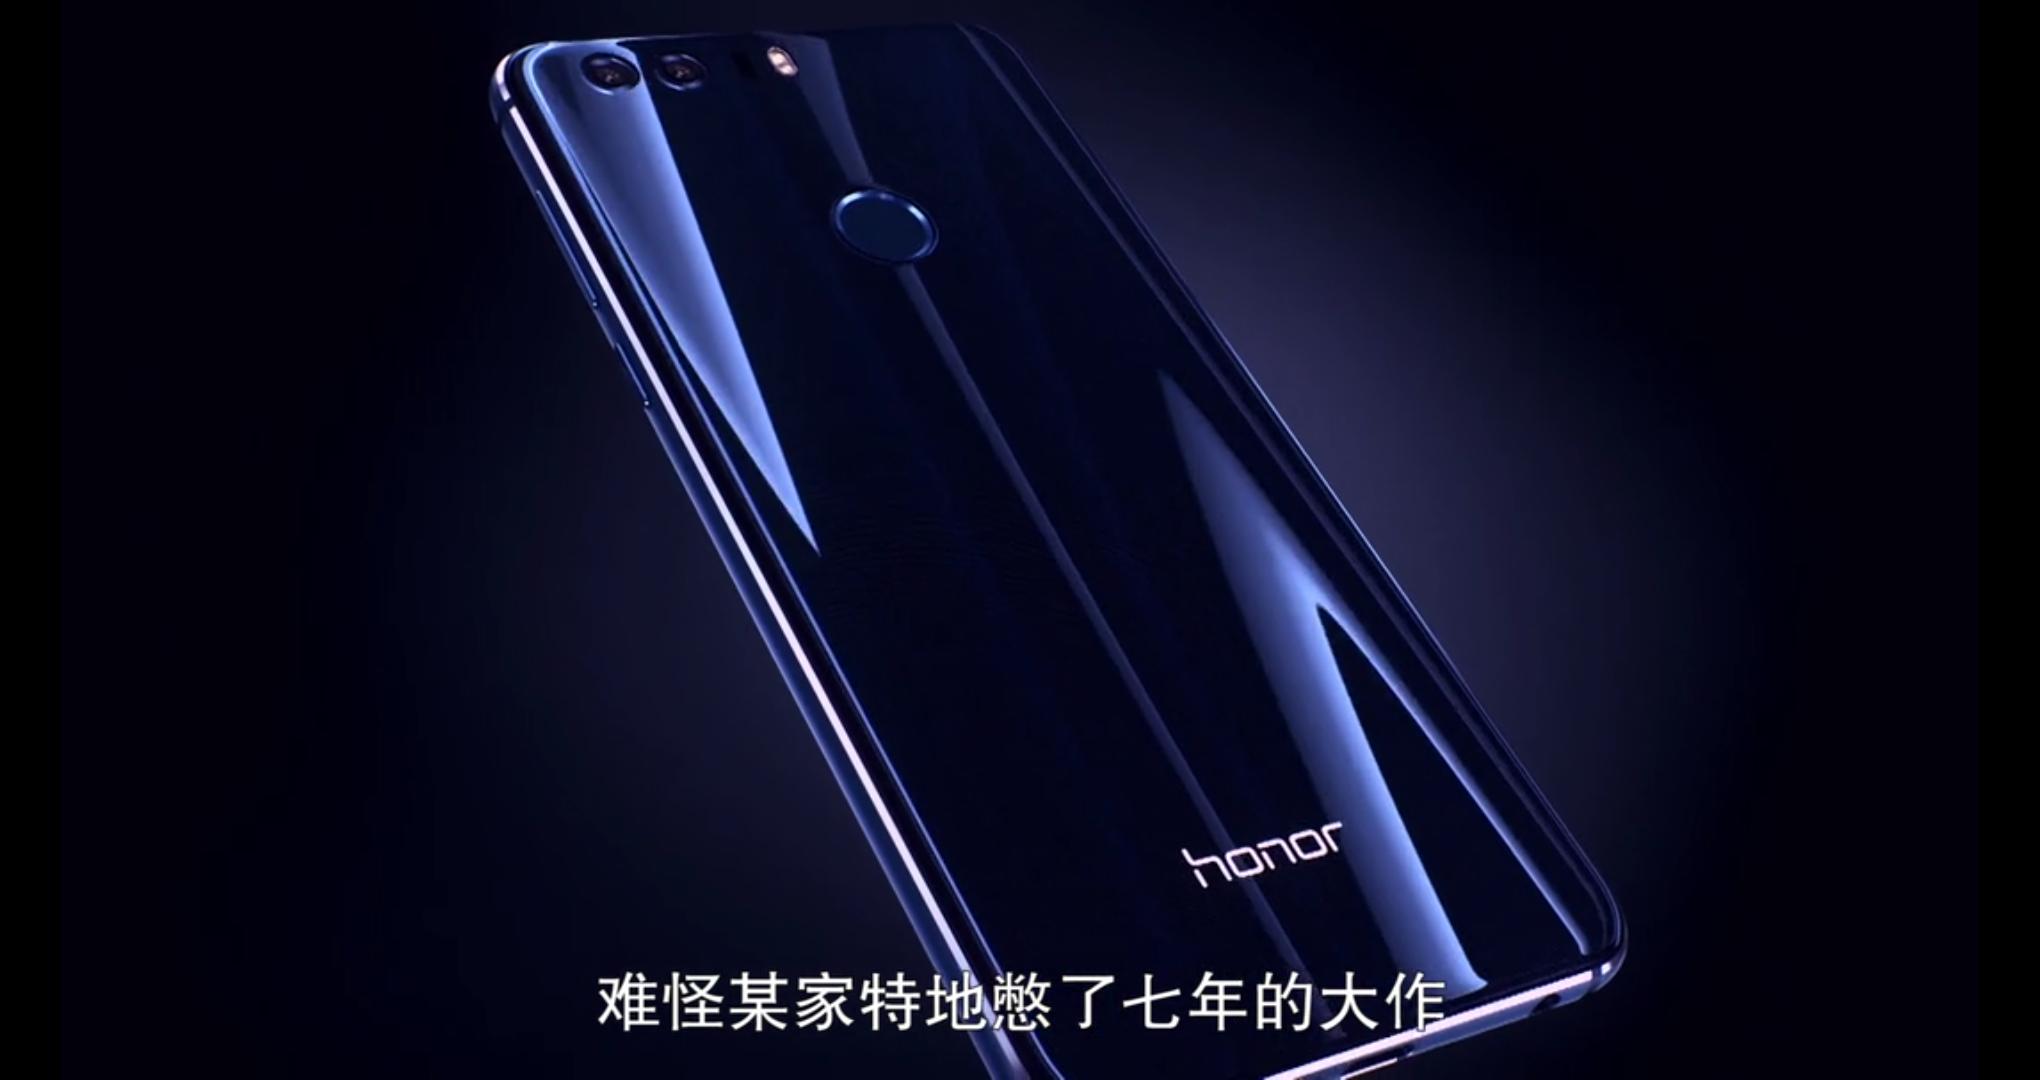 营销哔哩哔哩华为荣耀苹果手机手机评价碰官方账号如何改字图片